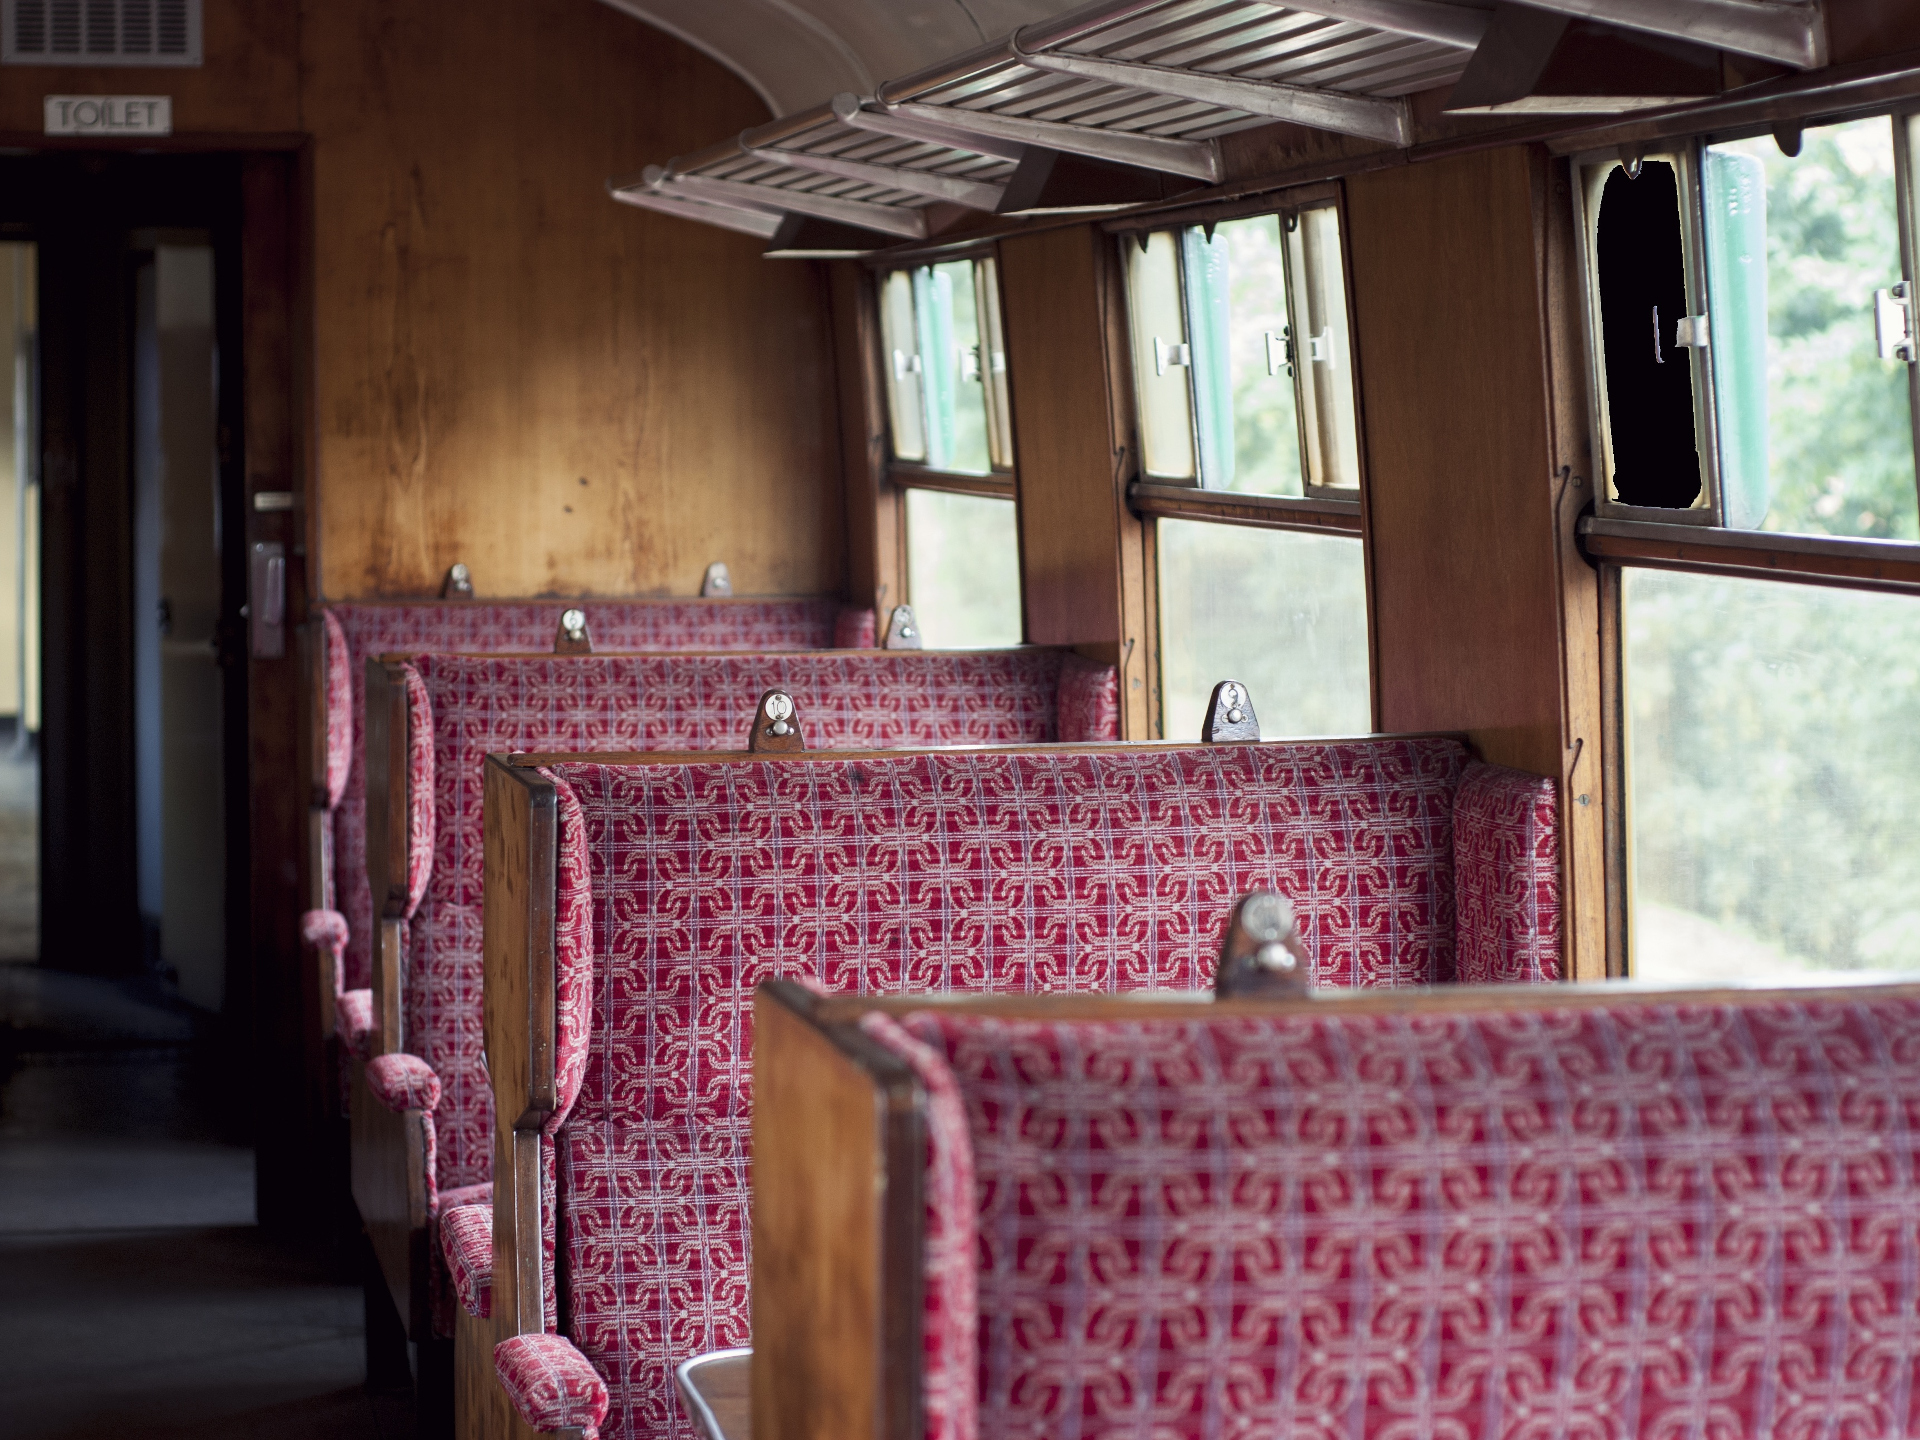 Wie die Sitze beschaffen sind, macht einen großen Unterschied in der Bequemlichkeit. Heutzutage sind aber so gut wie alle Züge mit Kopfstützen ausgestattet und auch nach hinten verstellbar. - Potocredit: pixabay.com/Pexels